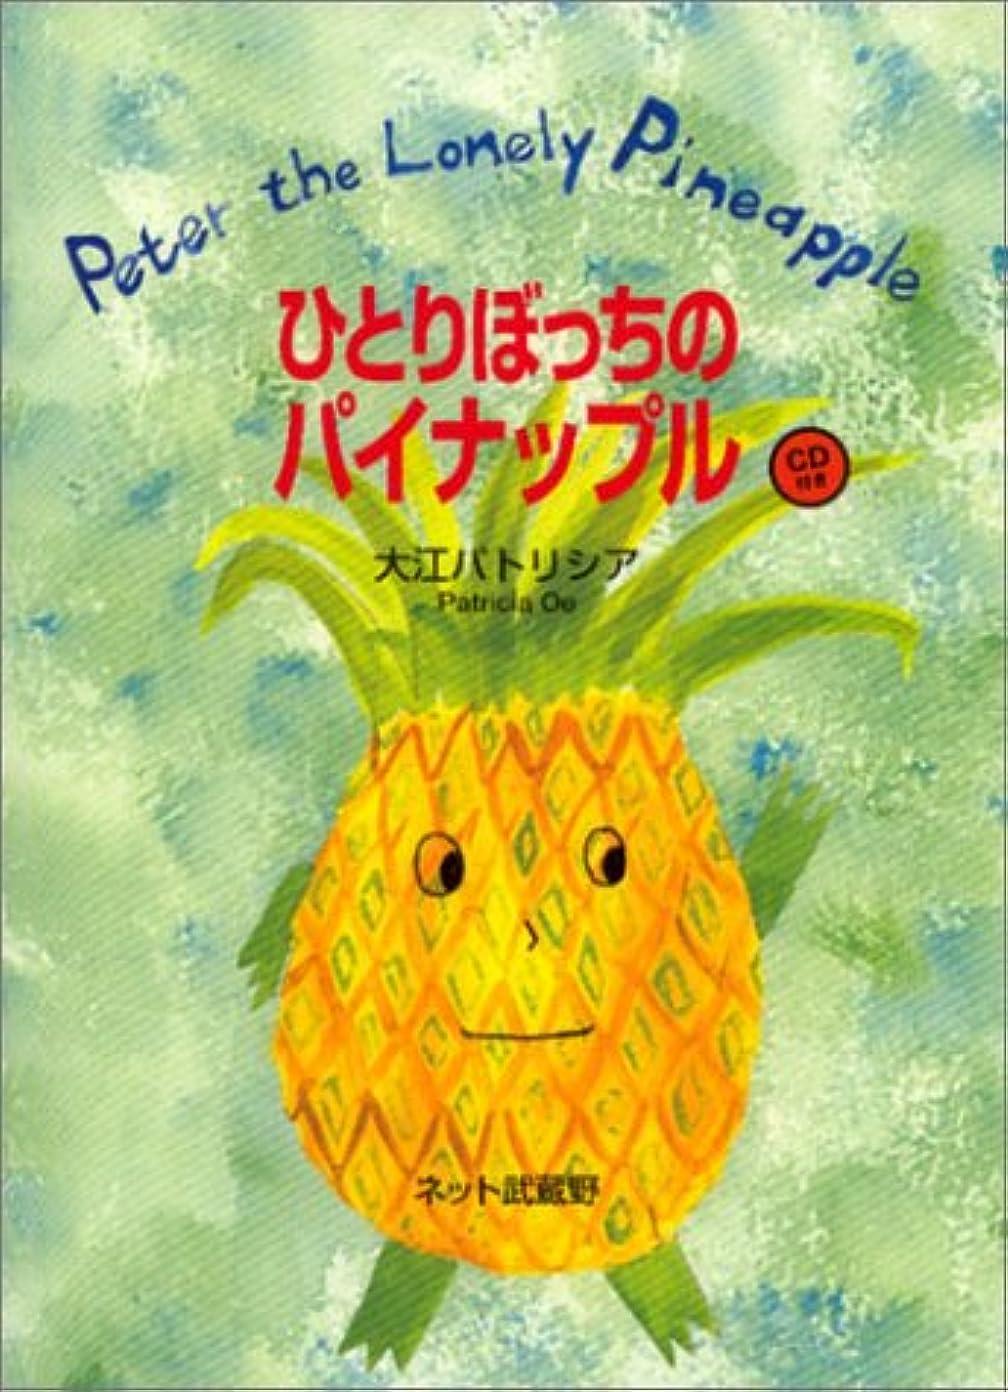 科学空虚蒸留するPeter the Lonely Pineapple ひとりぼっちのパイナップル CD付き(英和絵本)